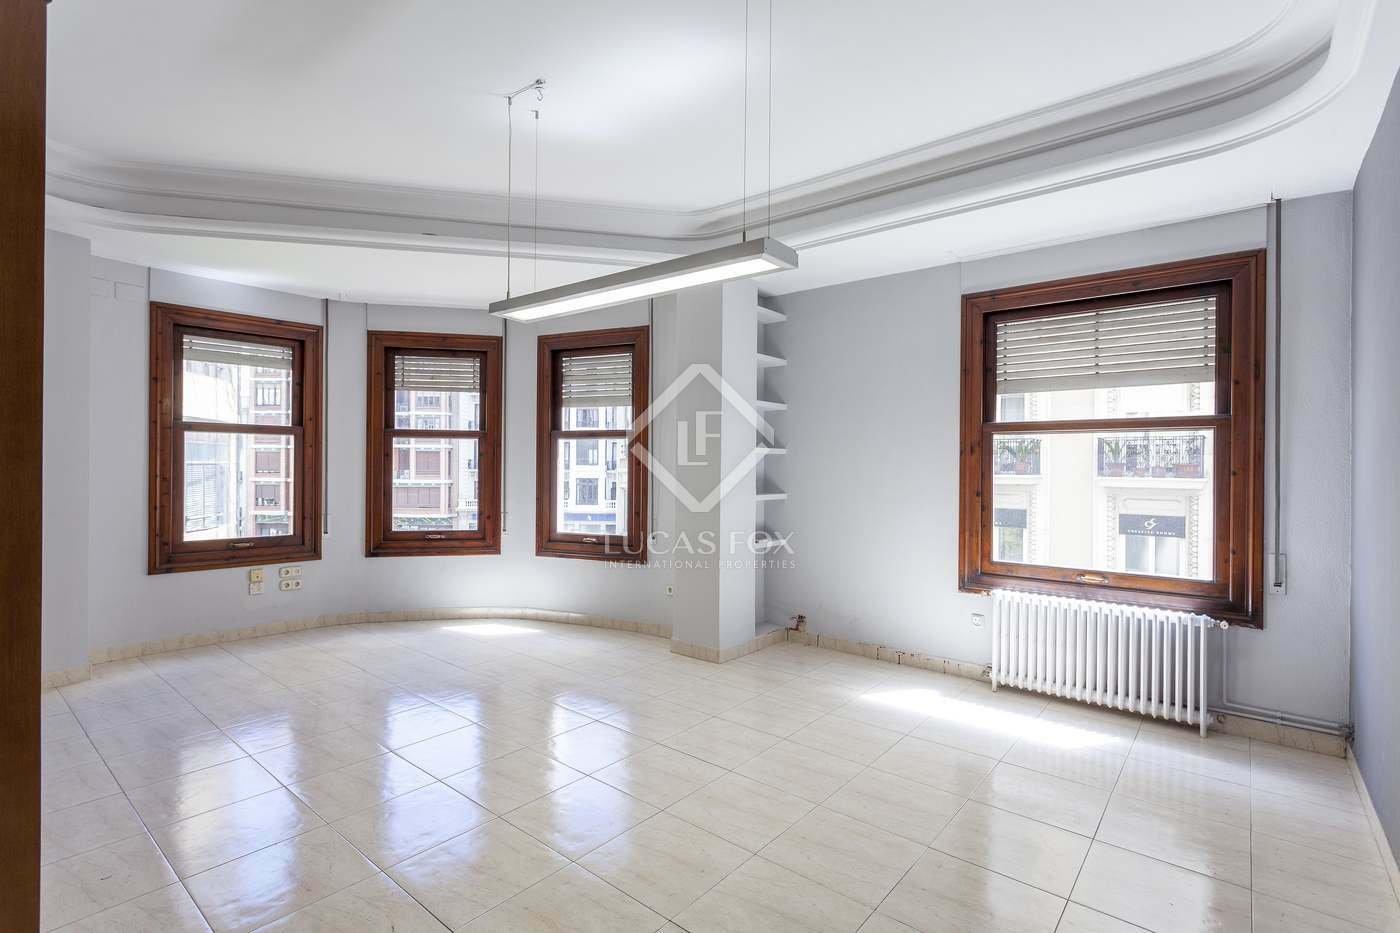 Appartamento a Benimantell, Comunità Valenzana, Spagna 1 - 11421361